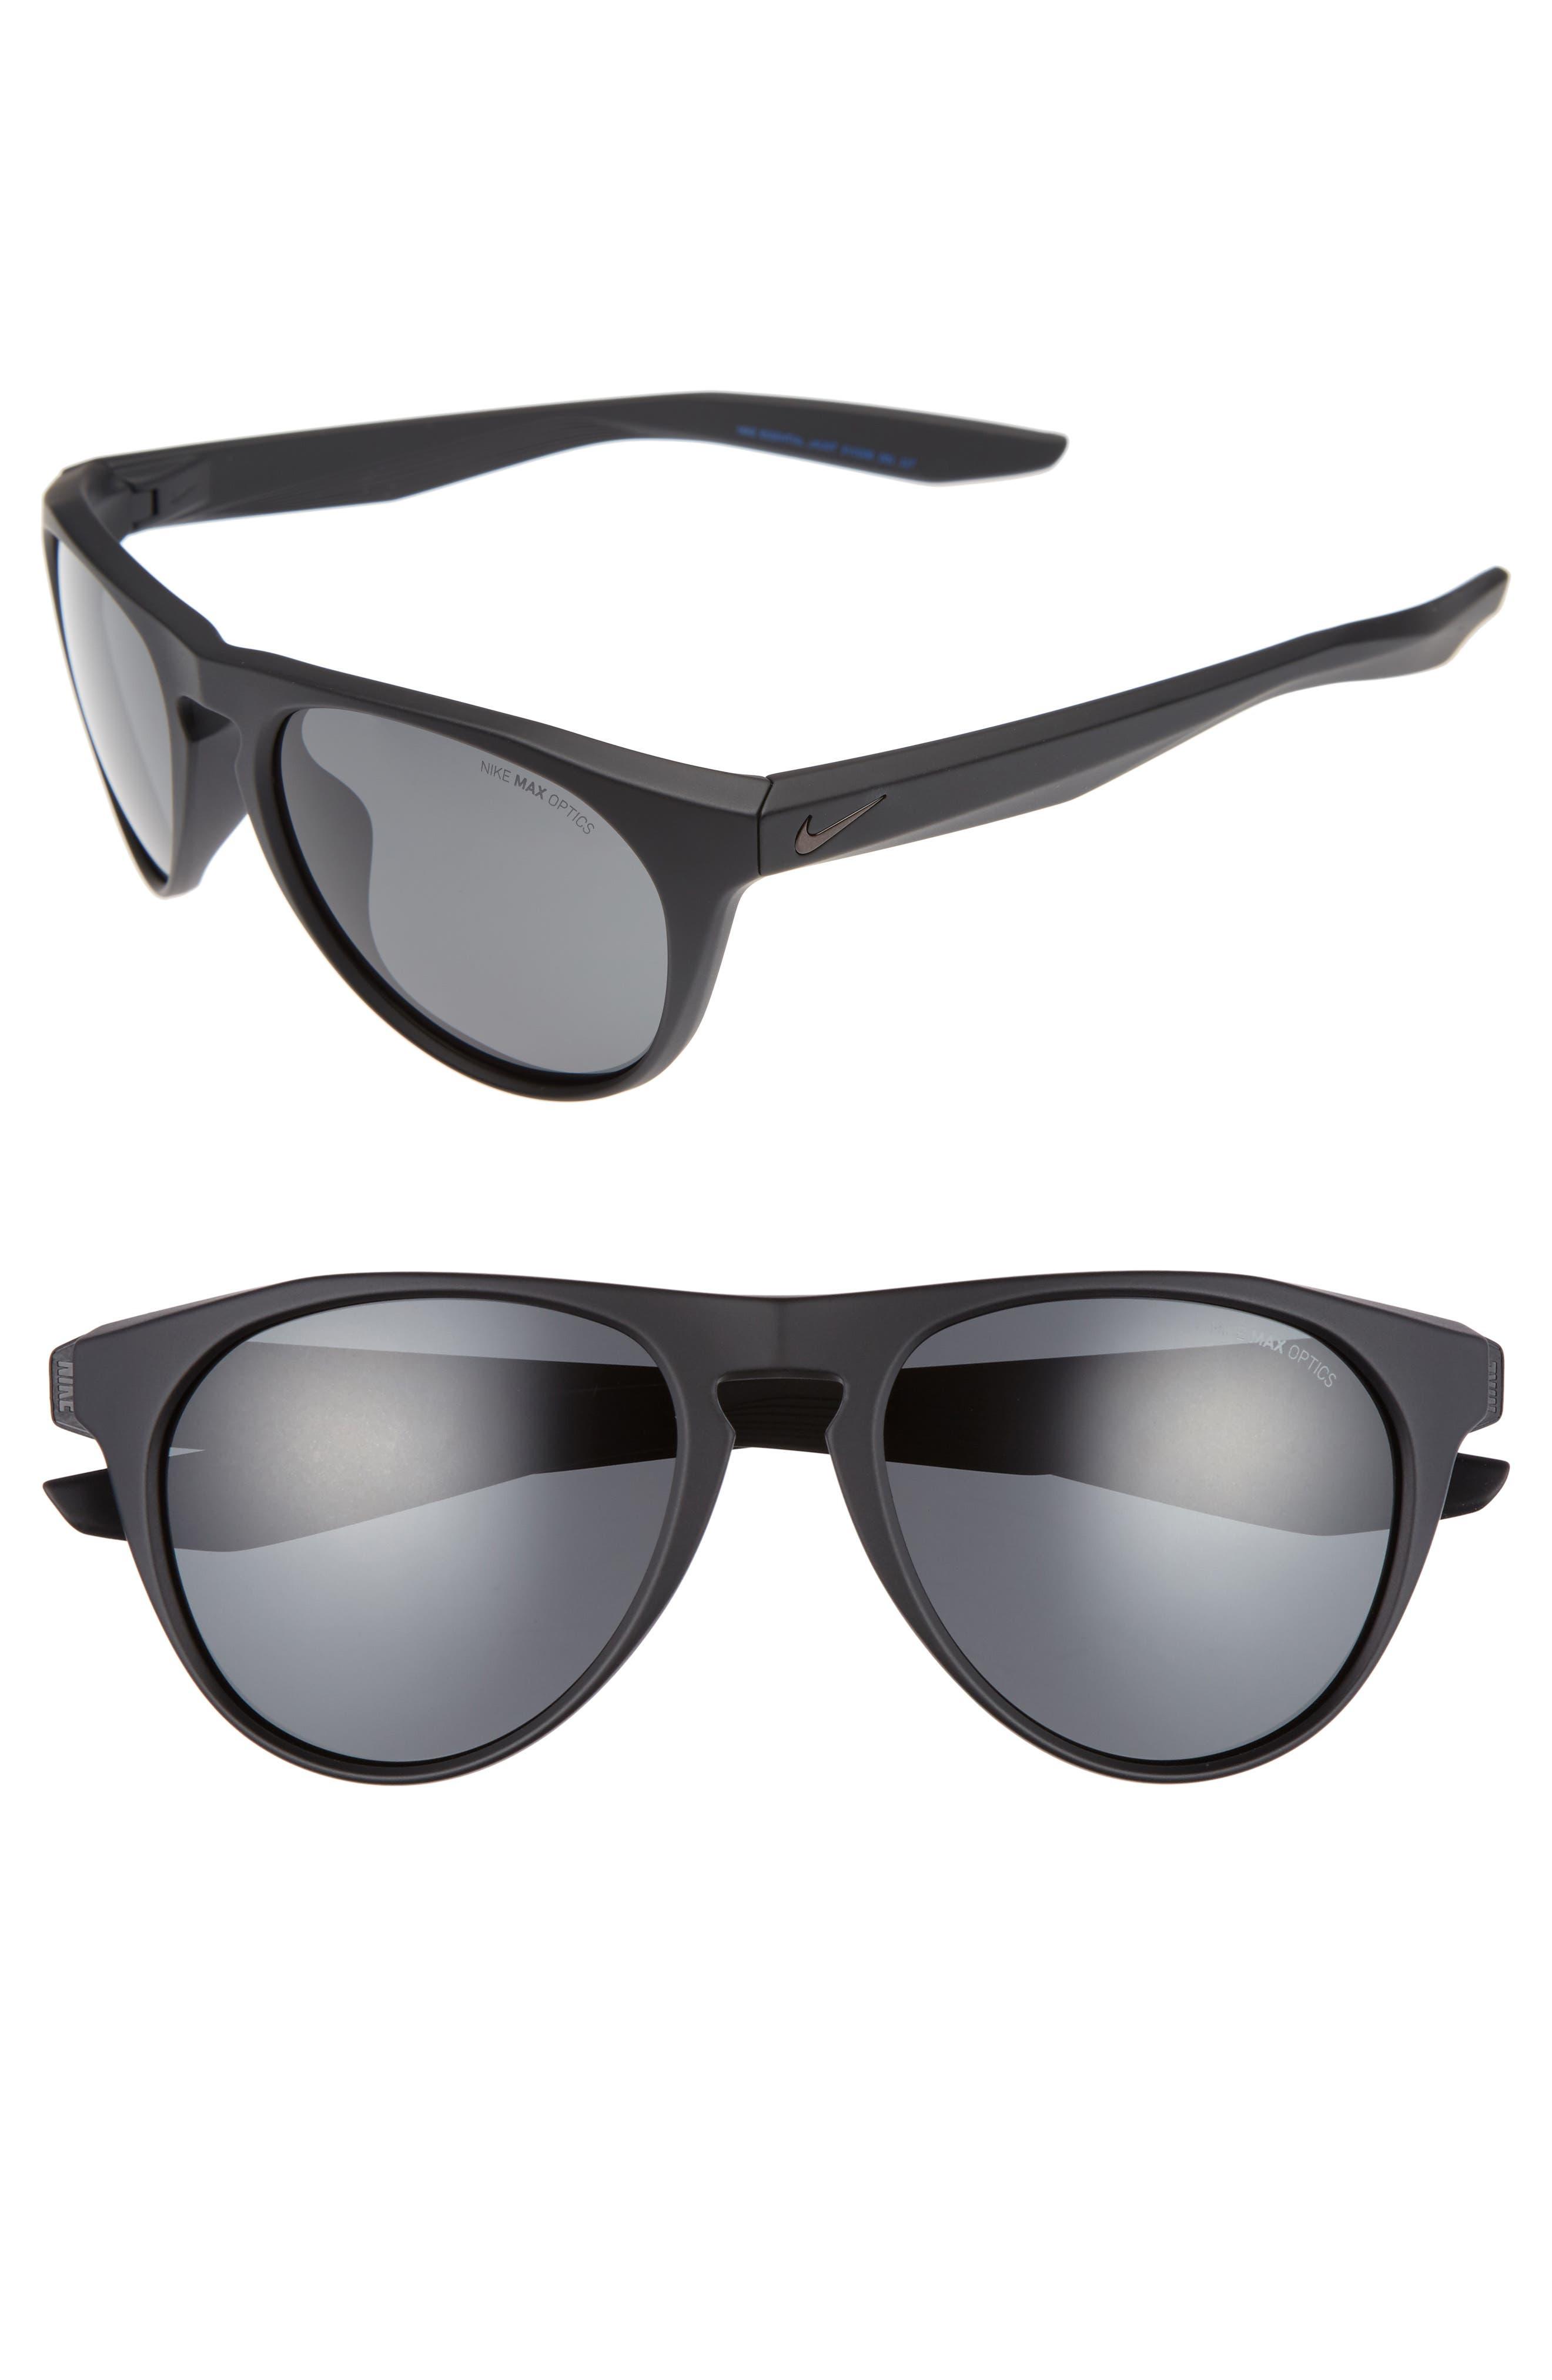 Nike Essential Jaunt 5m Sunglasses - Matte Black